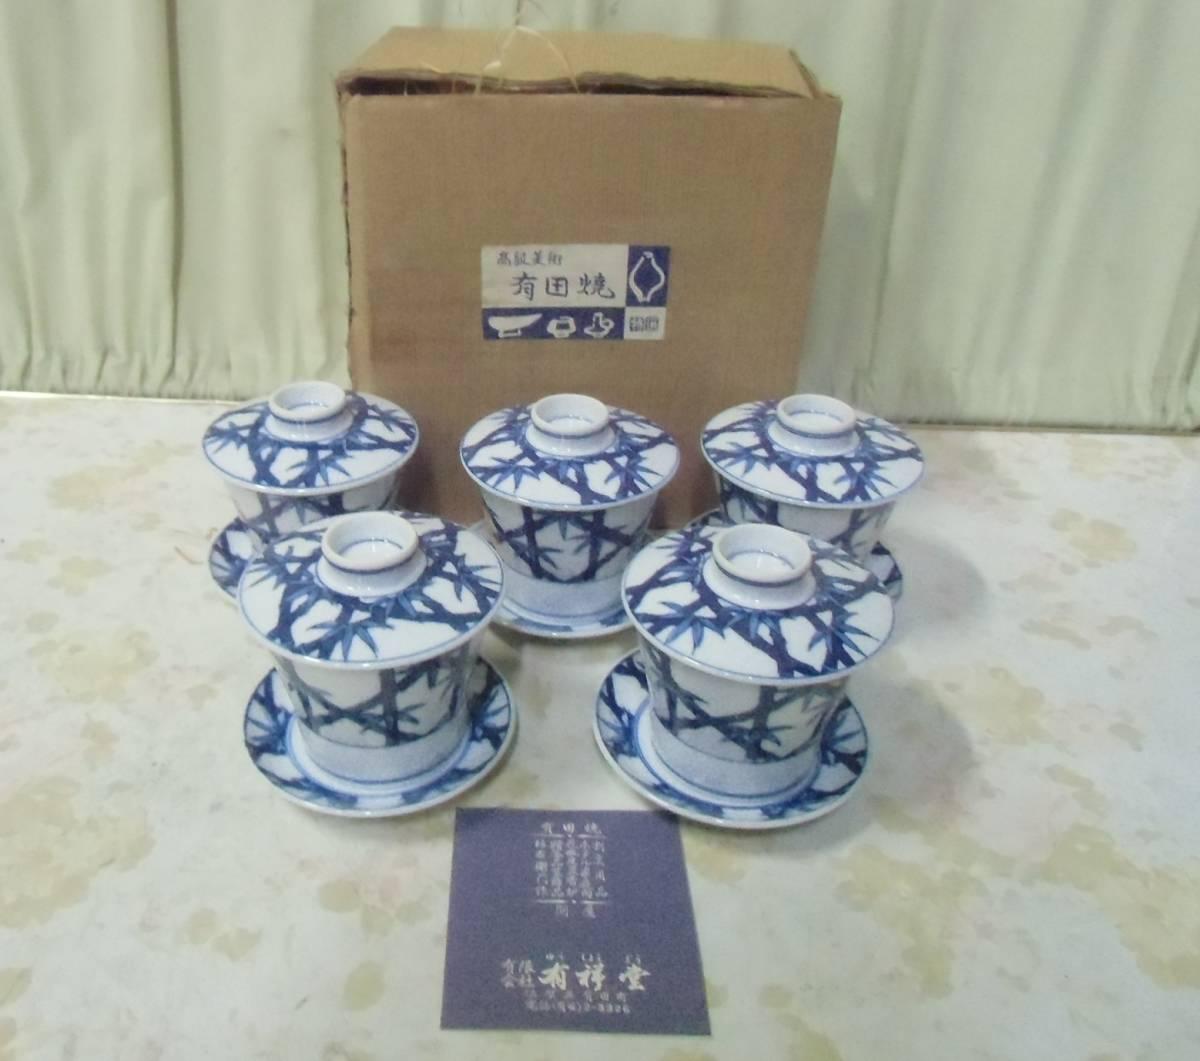 改 ◆モ-340 有田焼 陶磁器 保管品 5客 在銘:榮山 特選 茶碗蒸し器 蓋付器 昭和レトロ